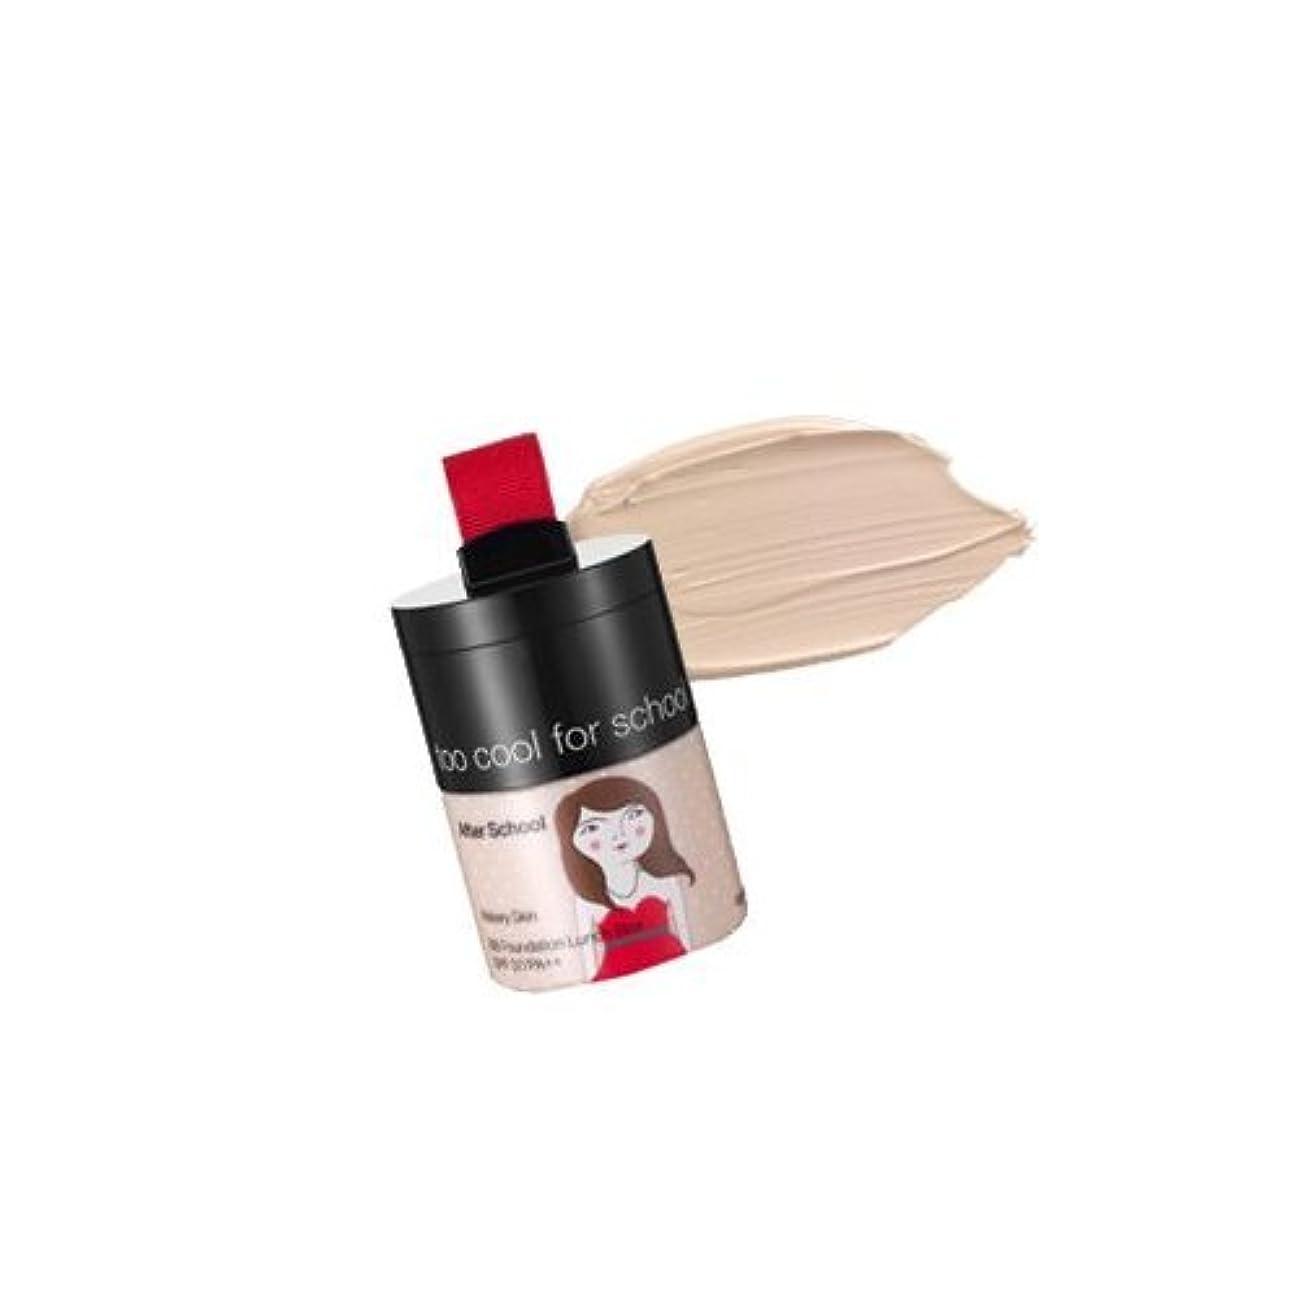 選挙モニター流用するTOO COOL FOR SCHOOL After School BB Foundation Lunch Box - 02 Moist Skin (並行輸入品)